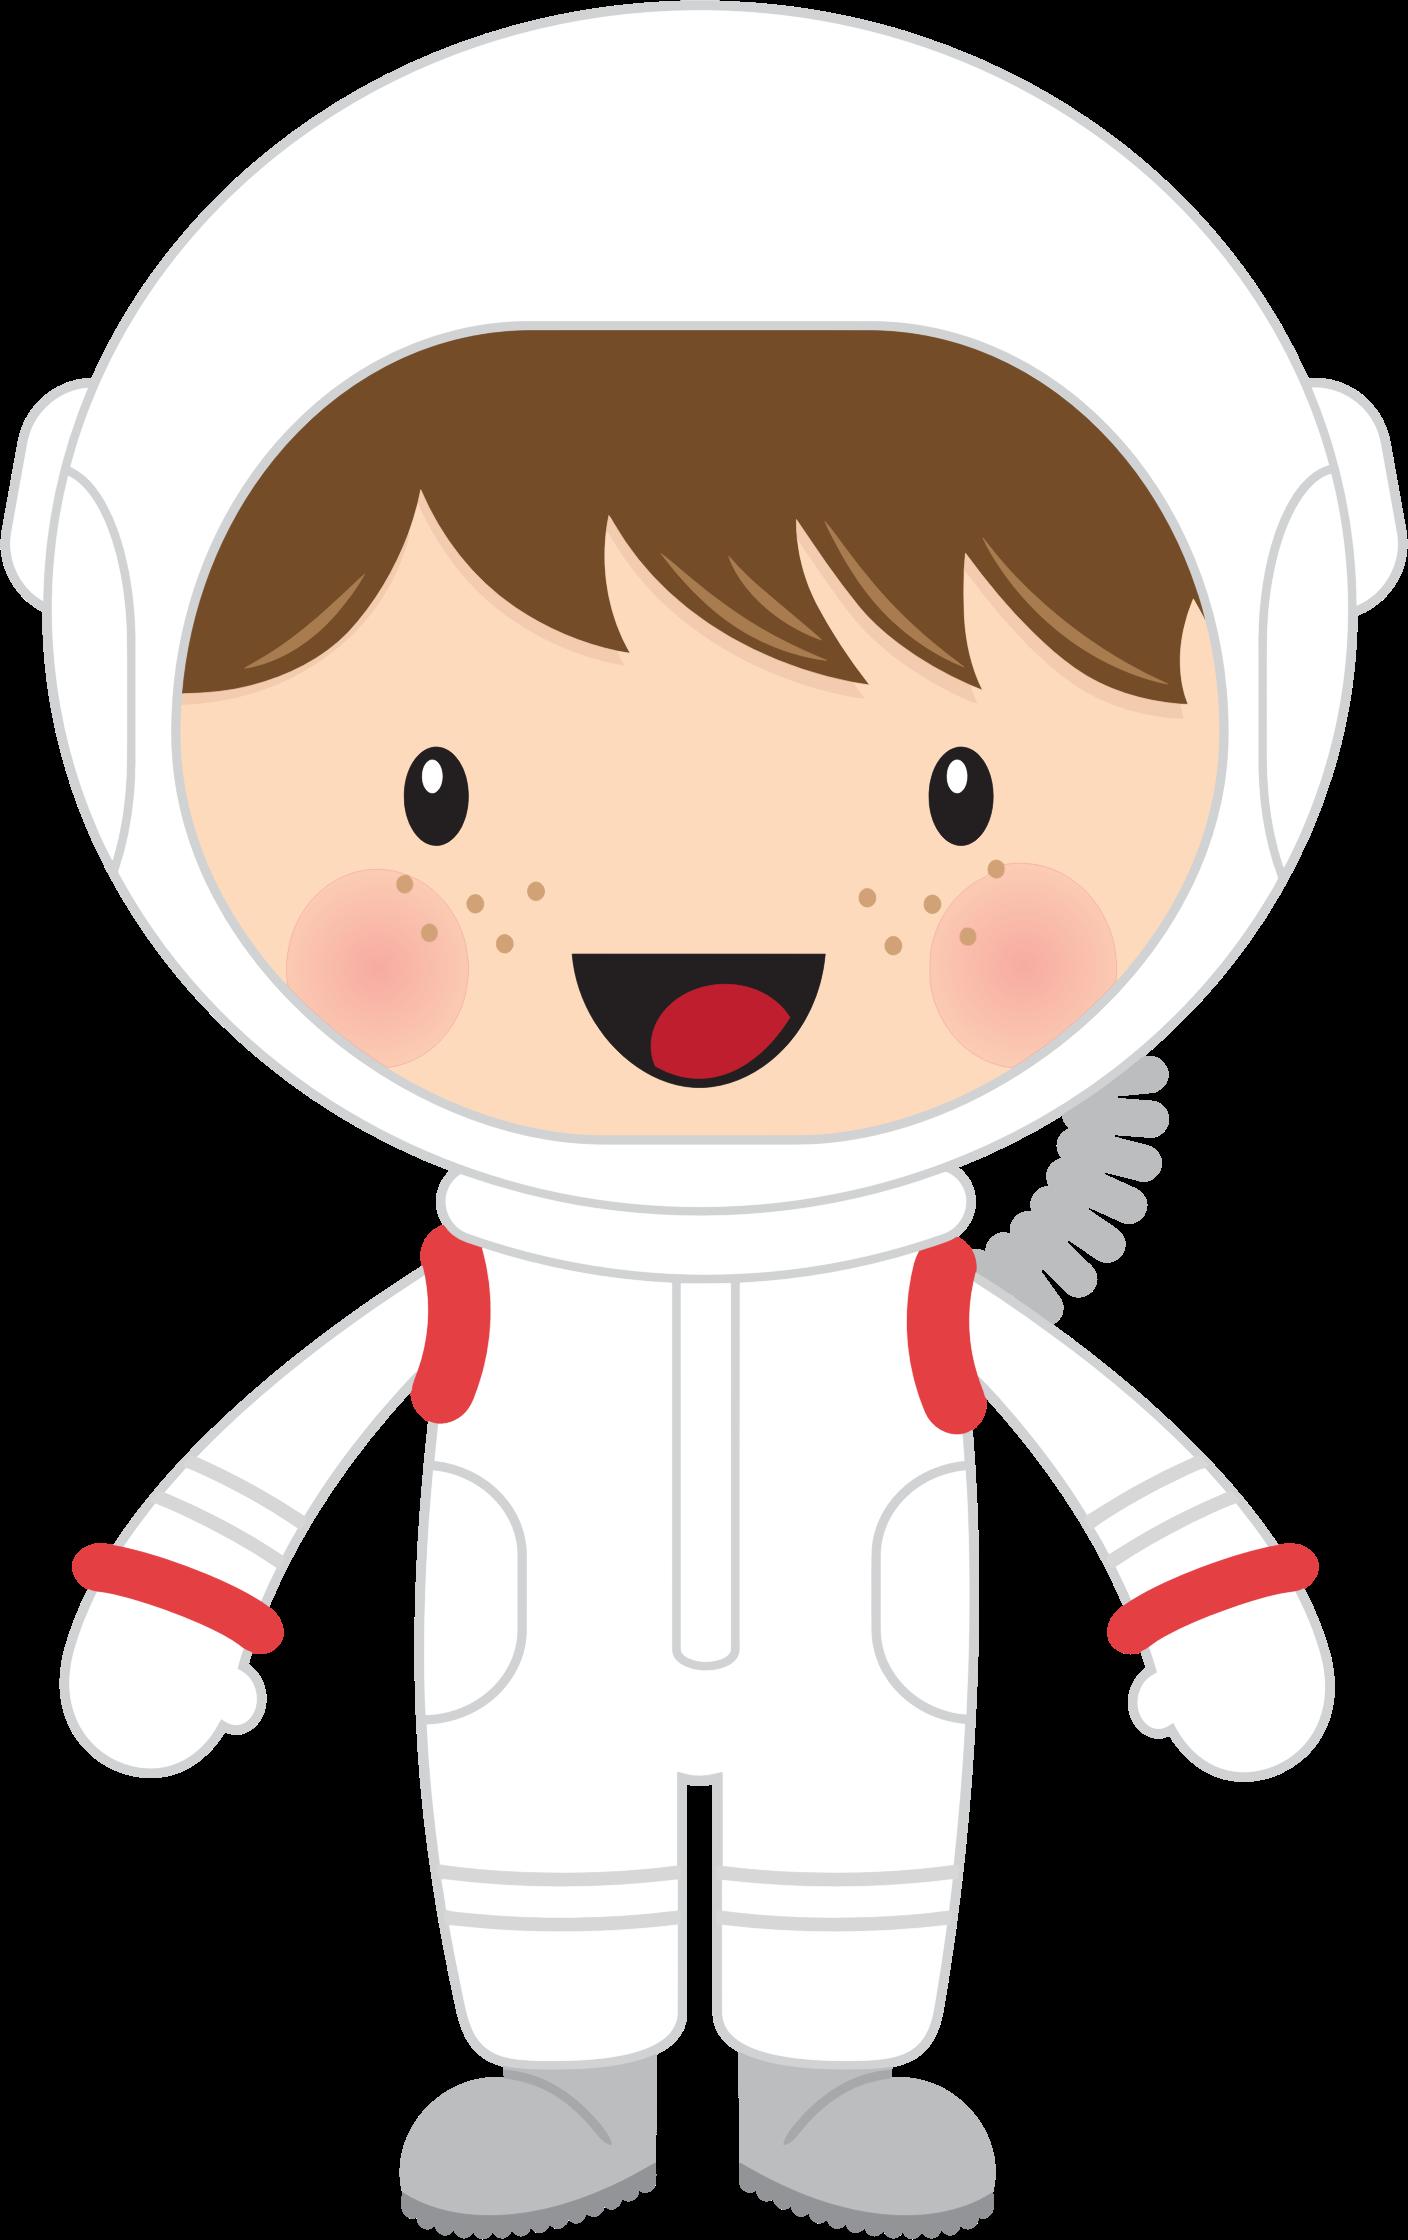 Kid Astronaut Clipart.